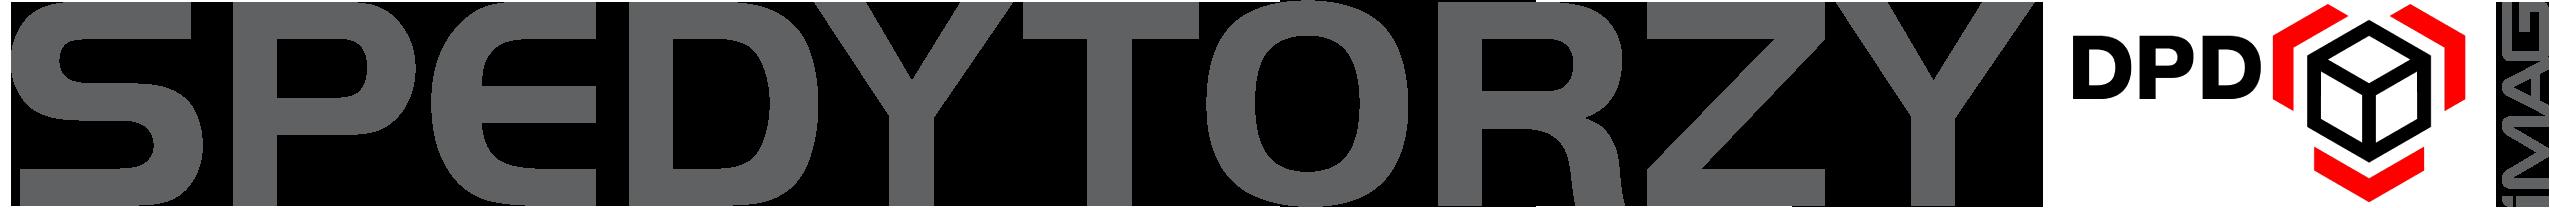 DPD WF-Mag - logo